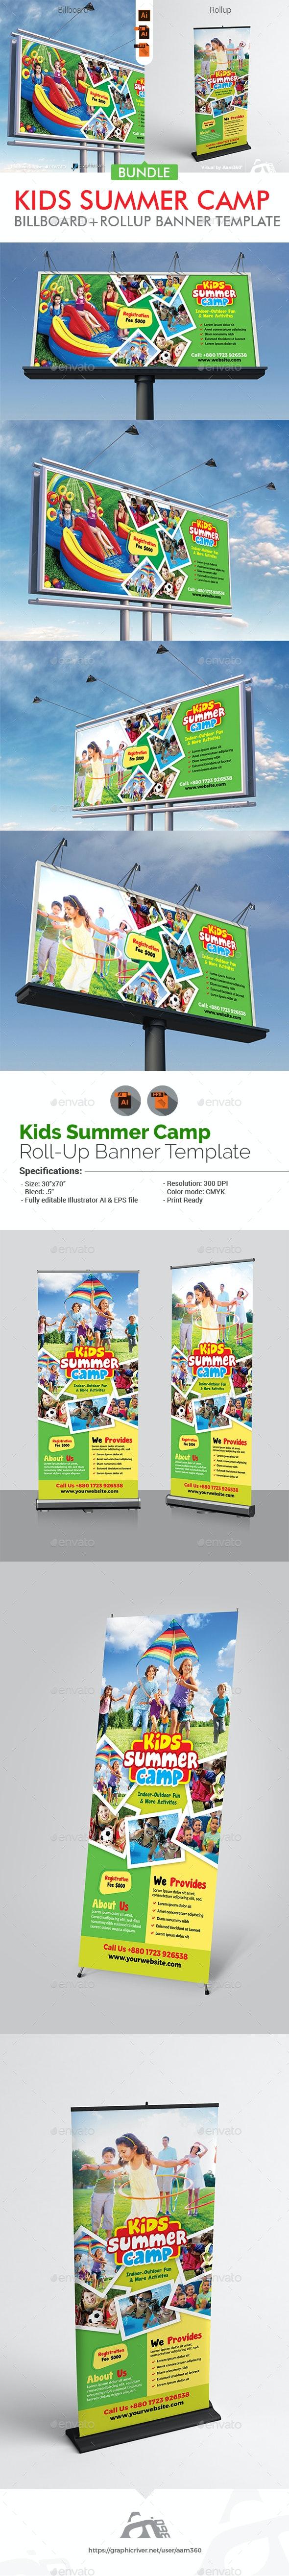 Kids Summer Camp Signage Bundle - Signage Print Templates